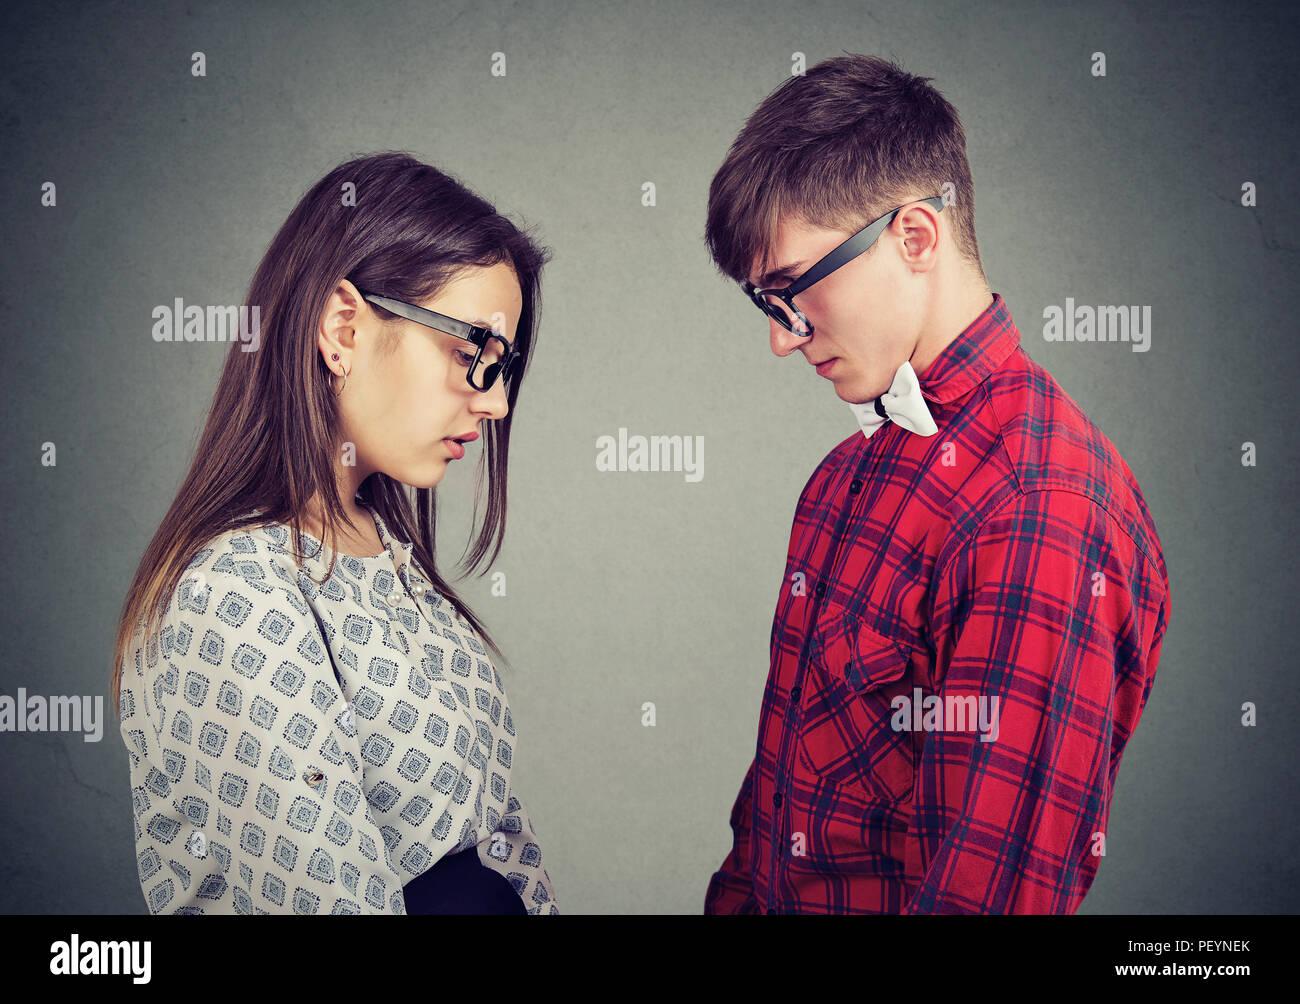 Vista lateral de la joven y la mujer mirando hacia abajo ubicada frente a los sentimientos de pesar y tristeza Imagen De Stock